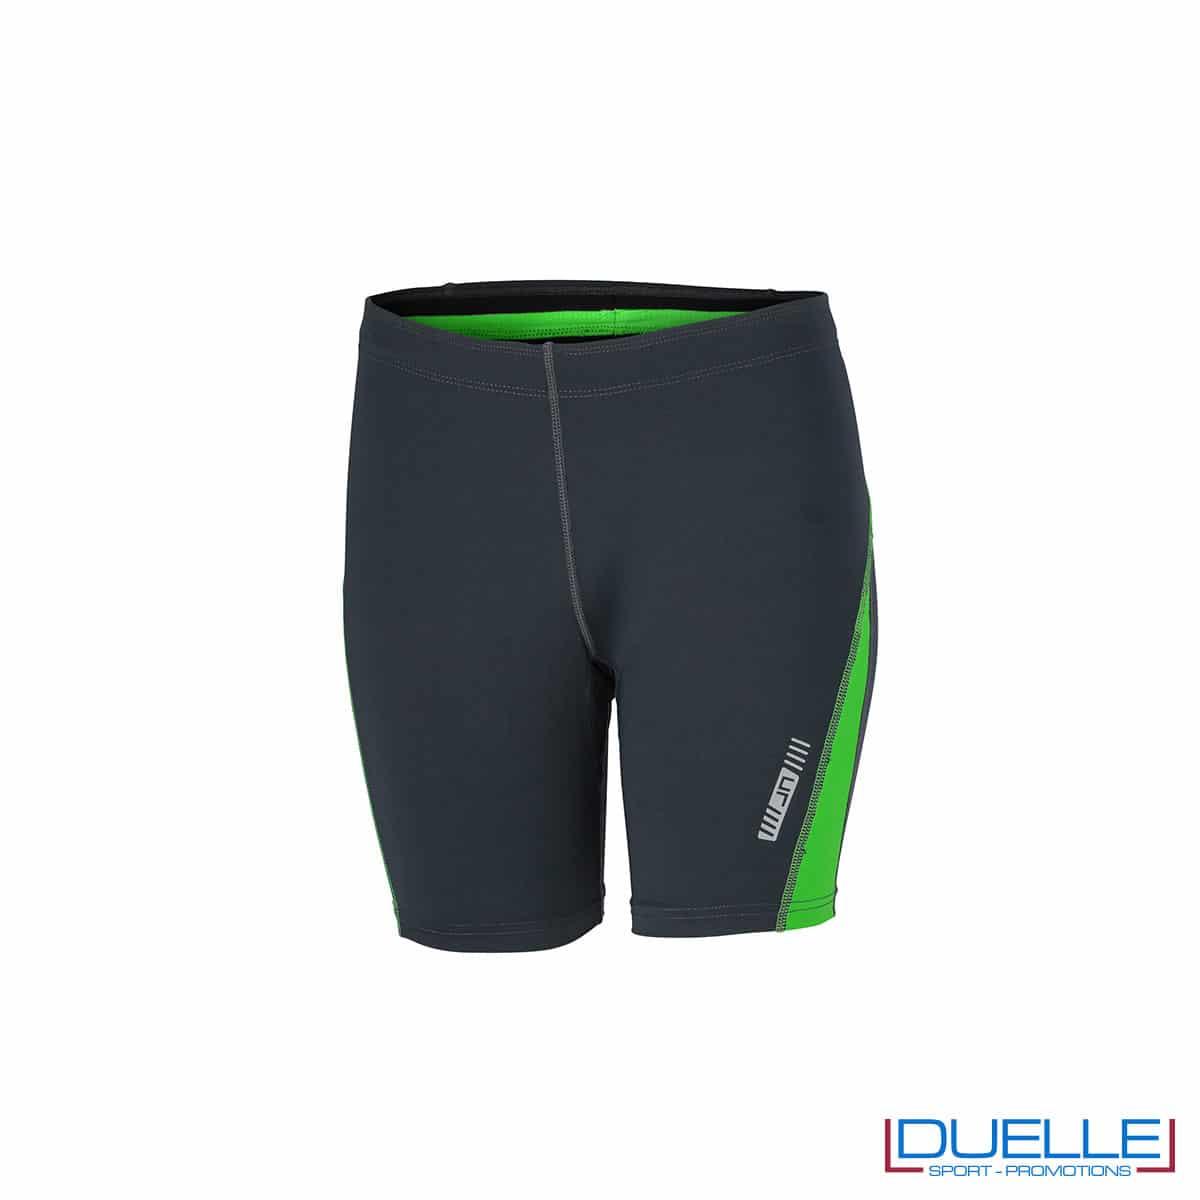 Pantaloncini running donna personalizzati colore antracite/verde